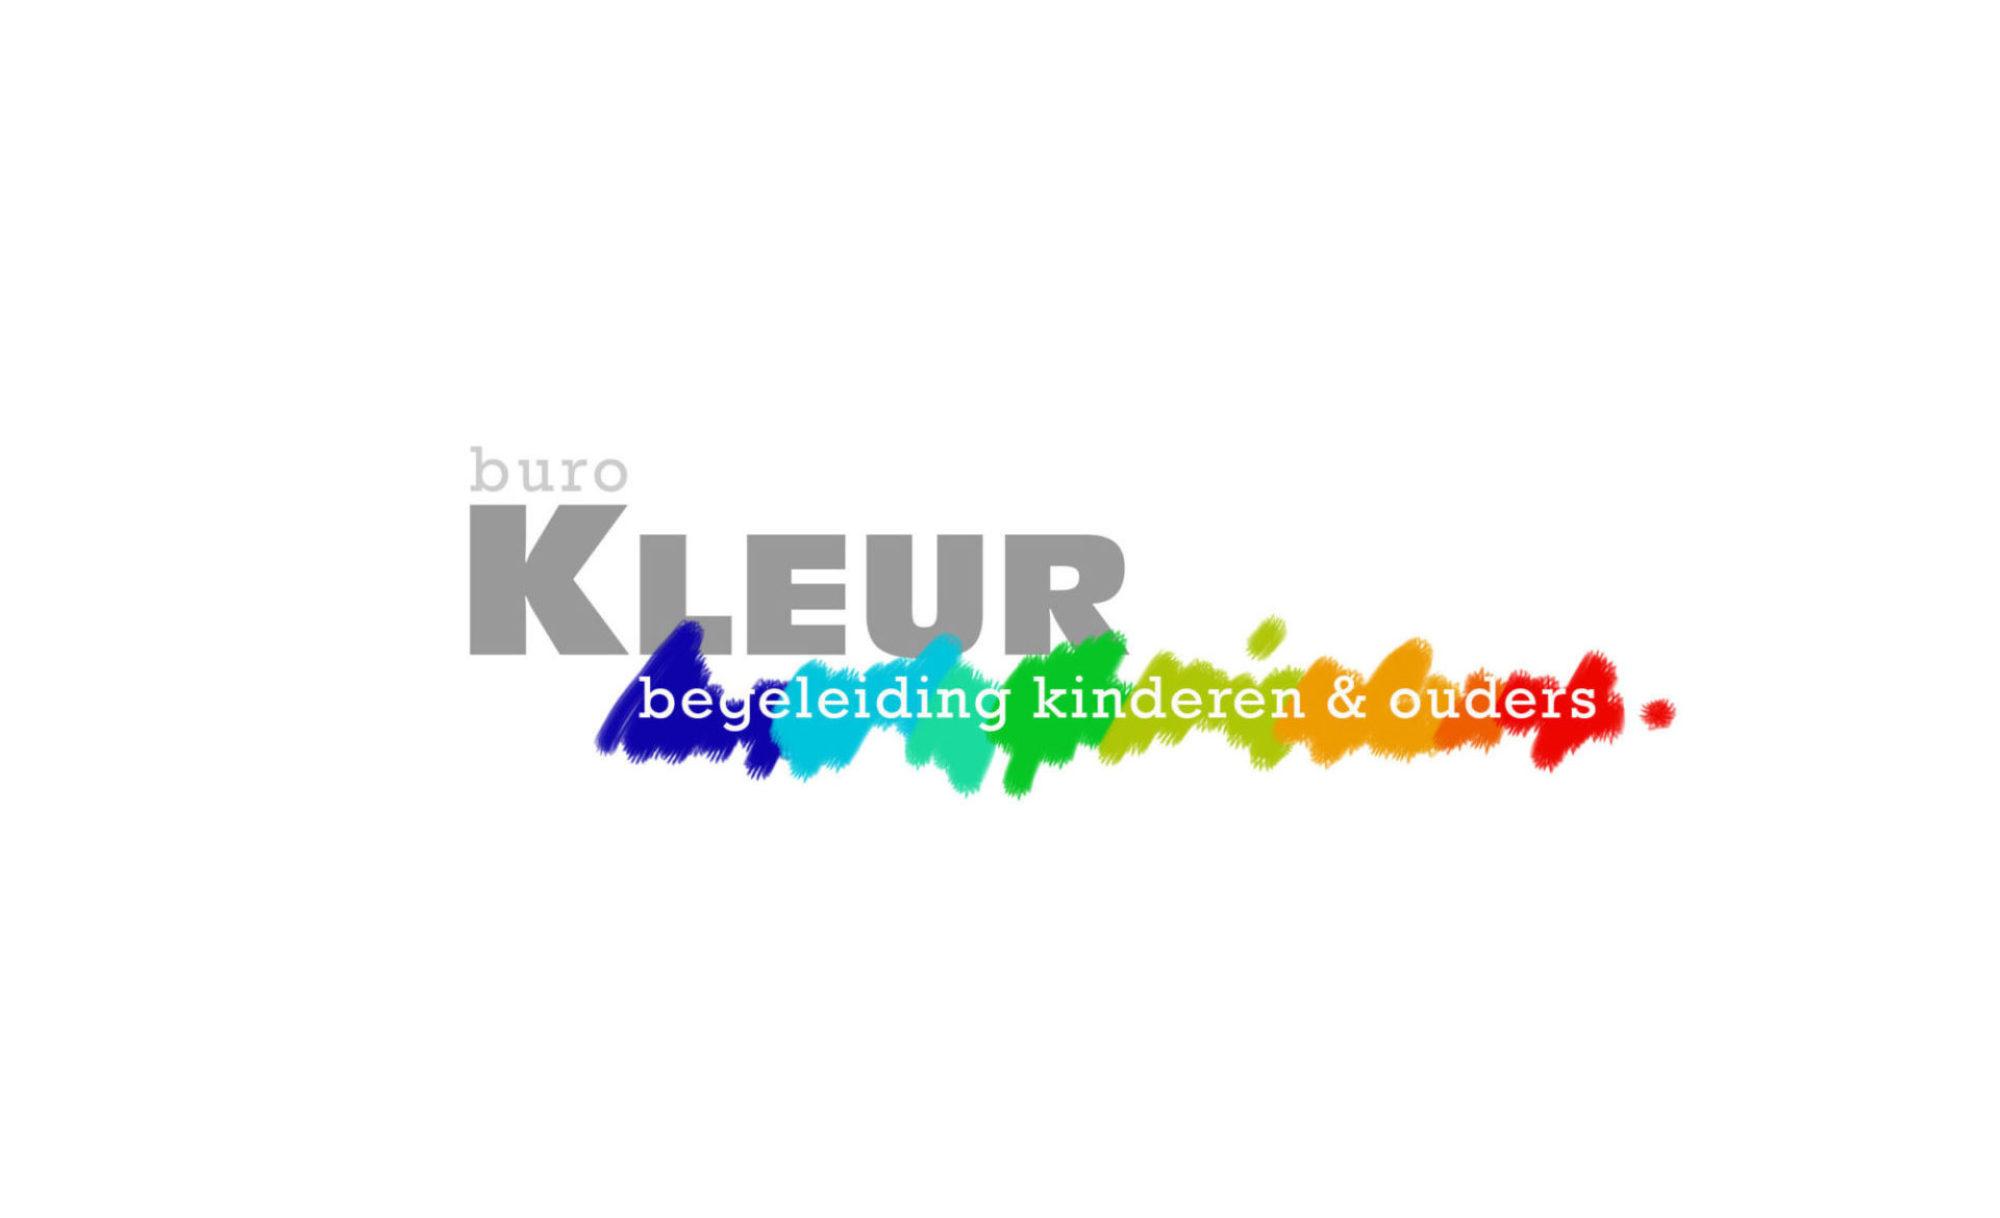 buro KLEUR